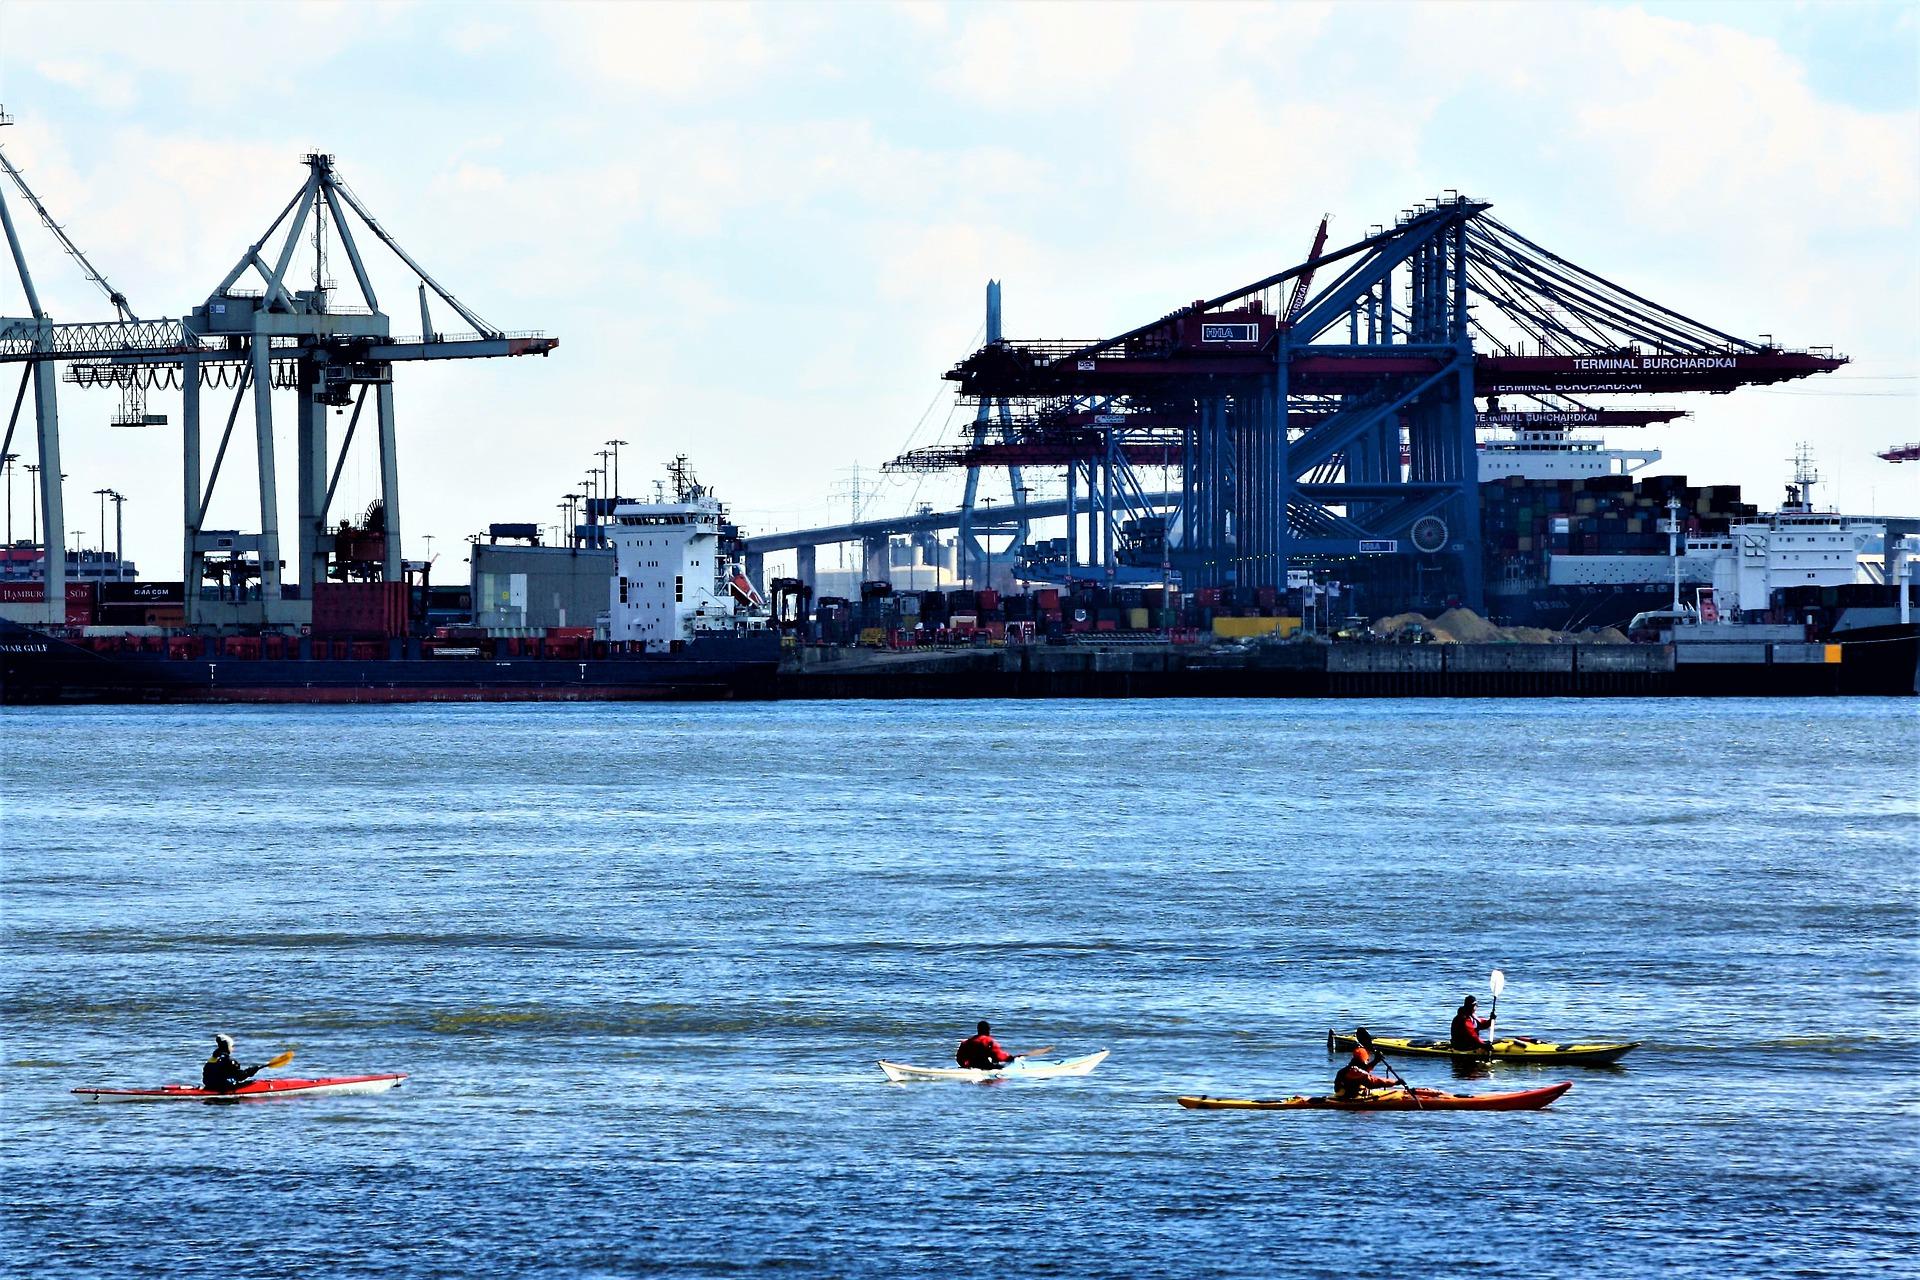 Kanufahrer im Hamburger Hafen auf der Elbe